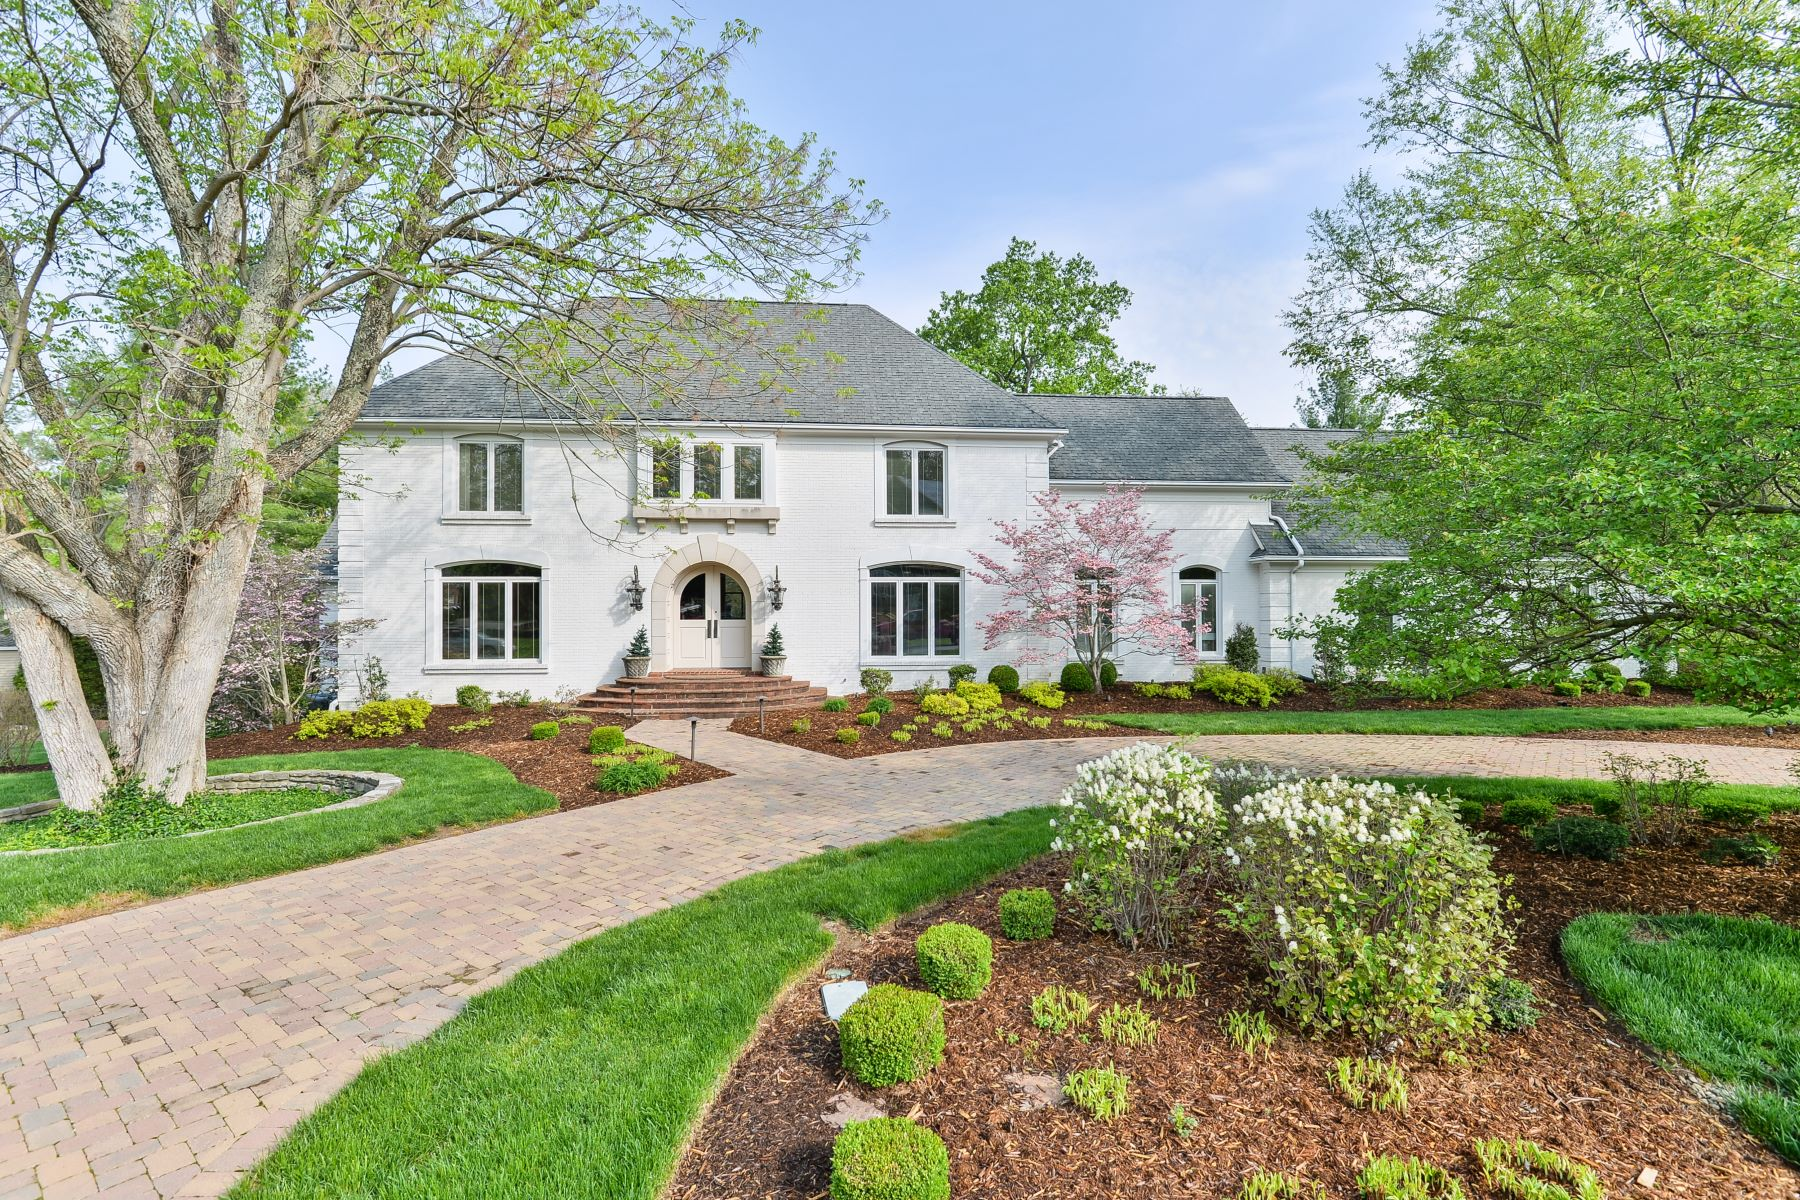 Частный односемейный дом для того Продажа на 5805 Glen Park Road Glenview, Кентукки 40025 Соединенные Штаты